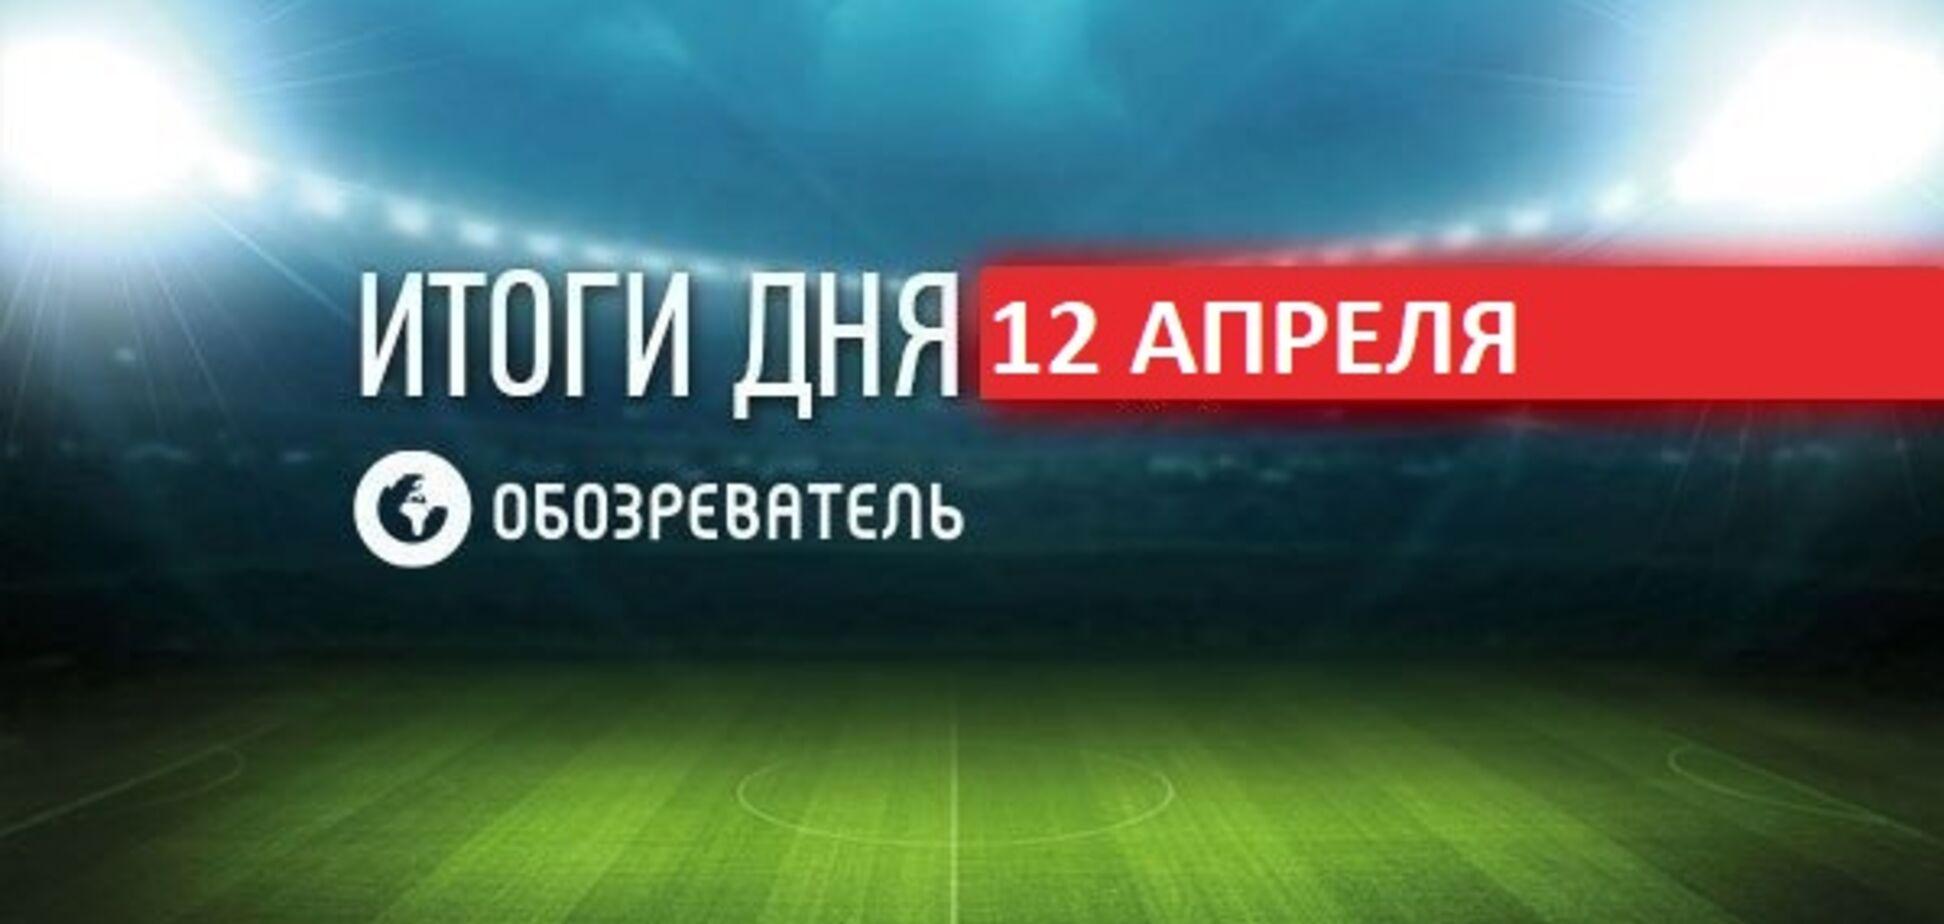 Уткин разнес Соловьева из-за Киева: спортивные итоги 12 апреля